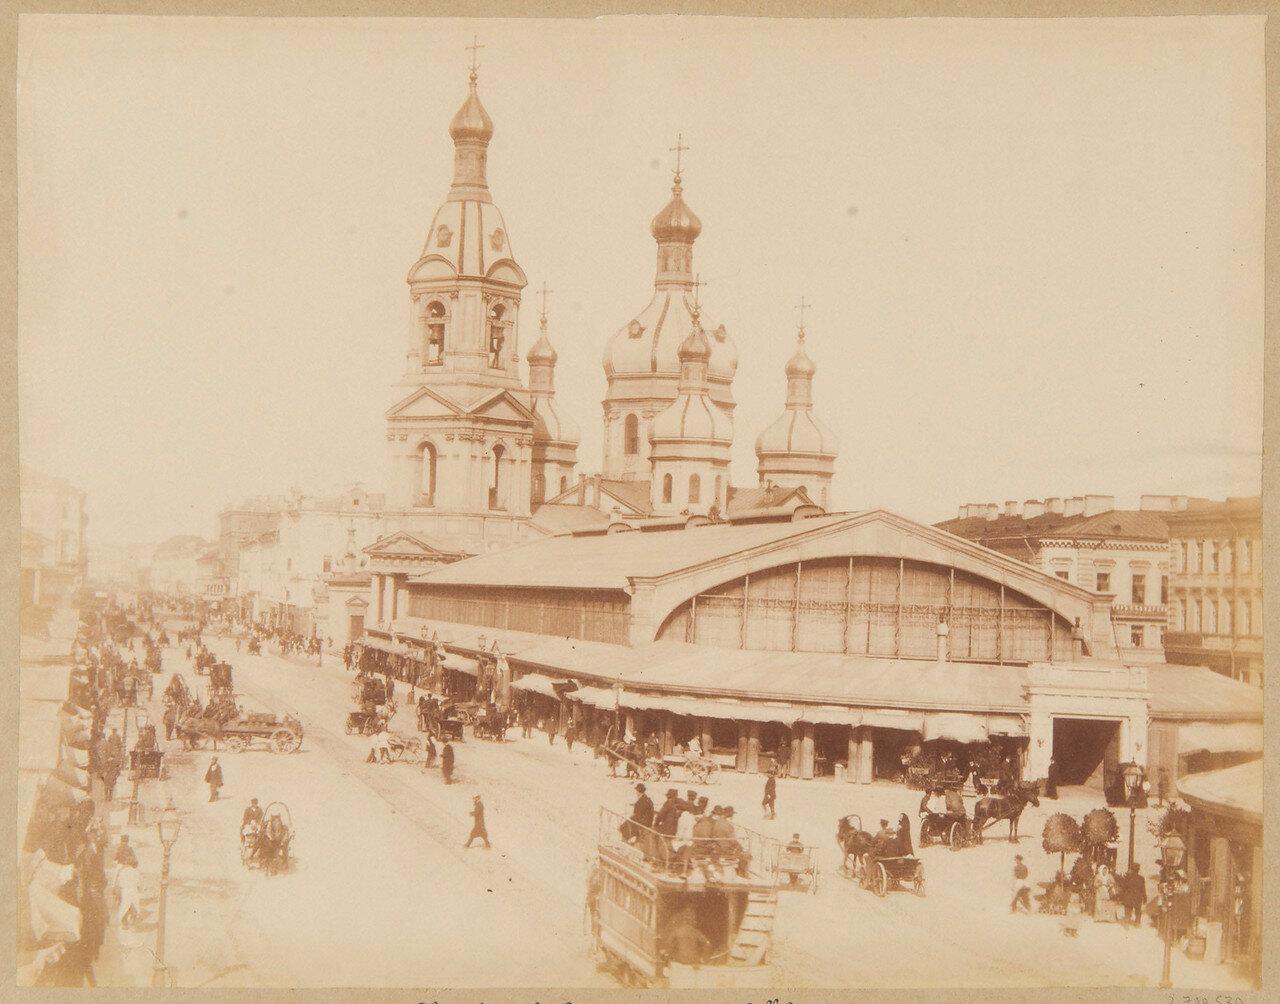 Успенская церковь и Большой зал на Сенной площади